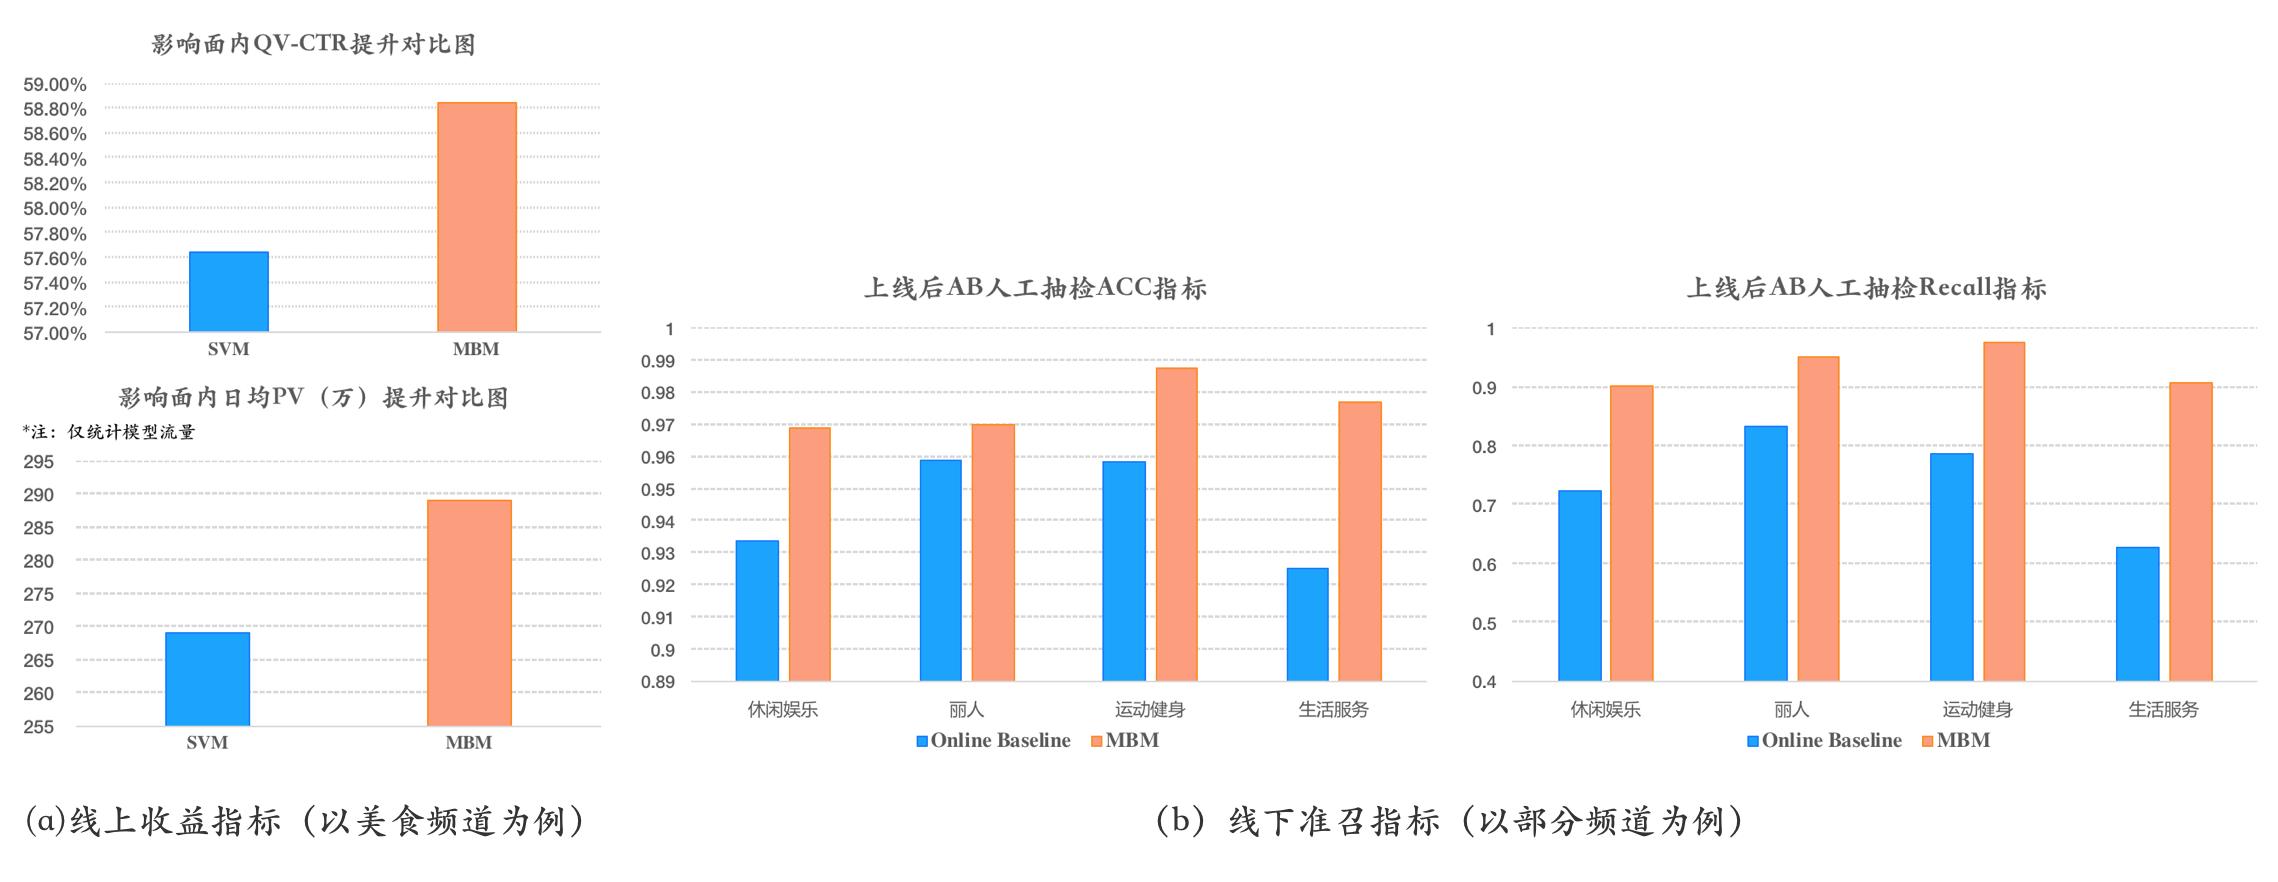 图11 MBM模型的业务效果